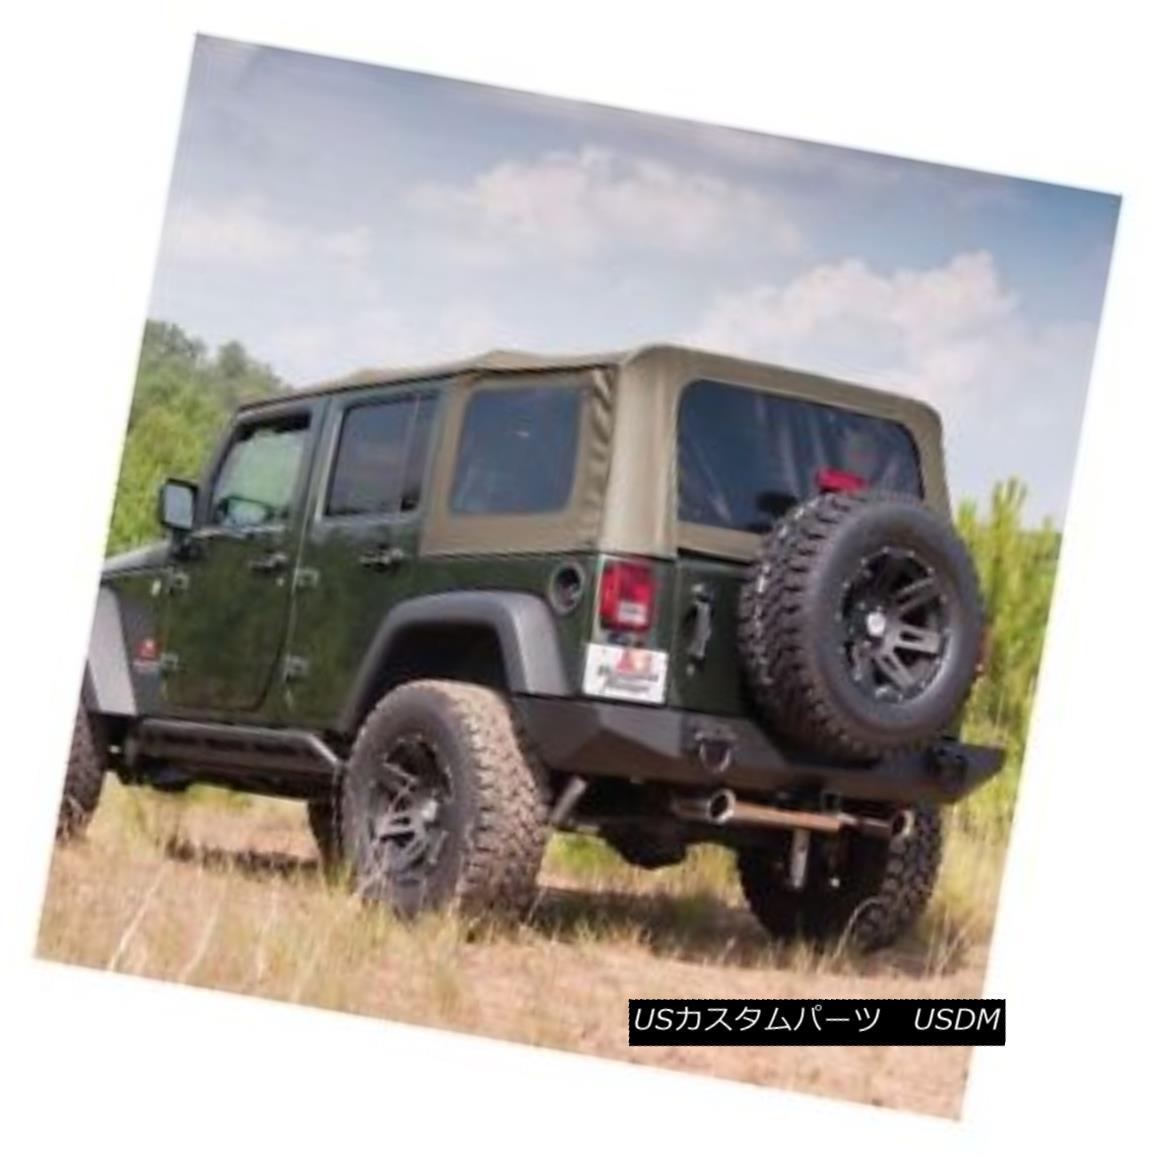 幌・ソフトトップ Rugged Ridge XHD Spring Assist Soft Top-Khaki, 07-09 Wrangler JK 4dr.; 13741.46 Rugged Ridge XHDスプリングアシストソフトトップカーキ、07-09 Wrangler JK 4dr .; 13741.46